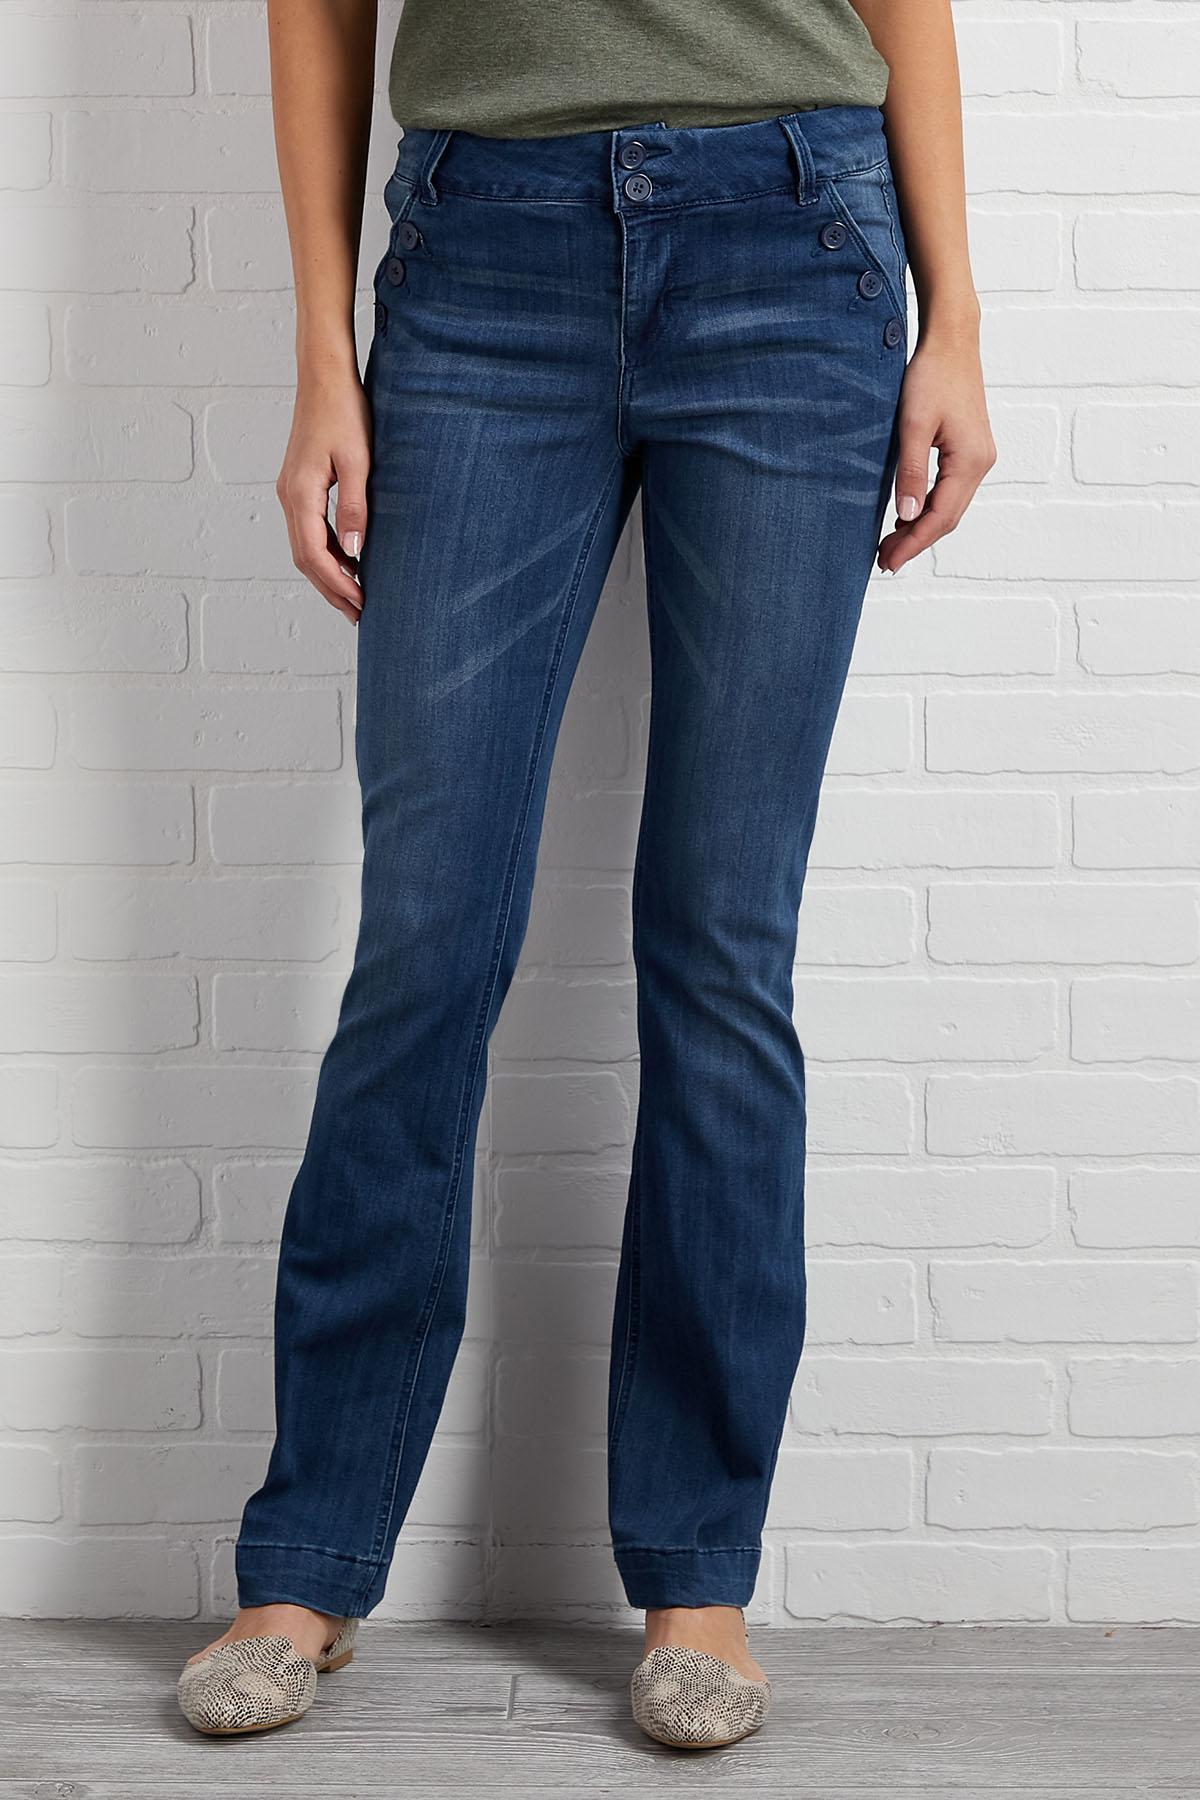 Wide Leg Sailor Jeans